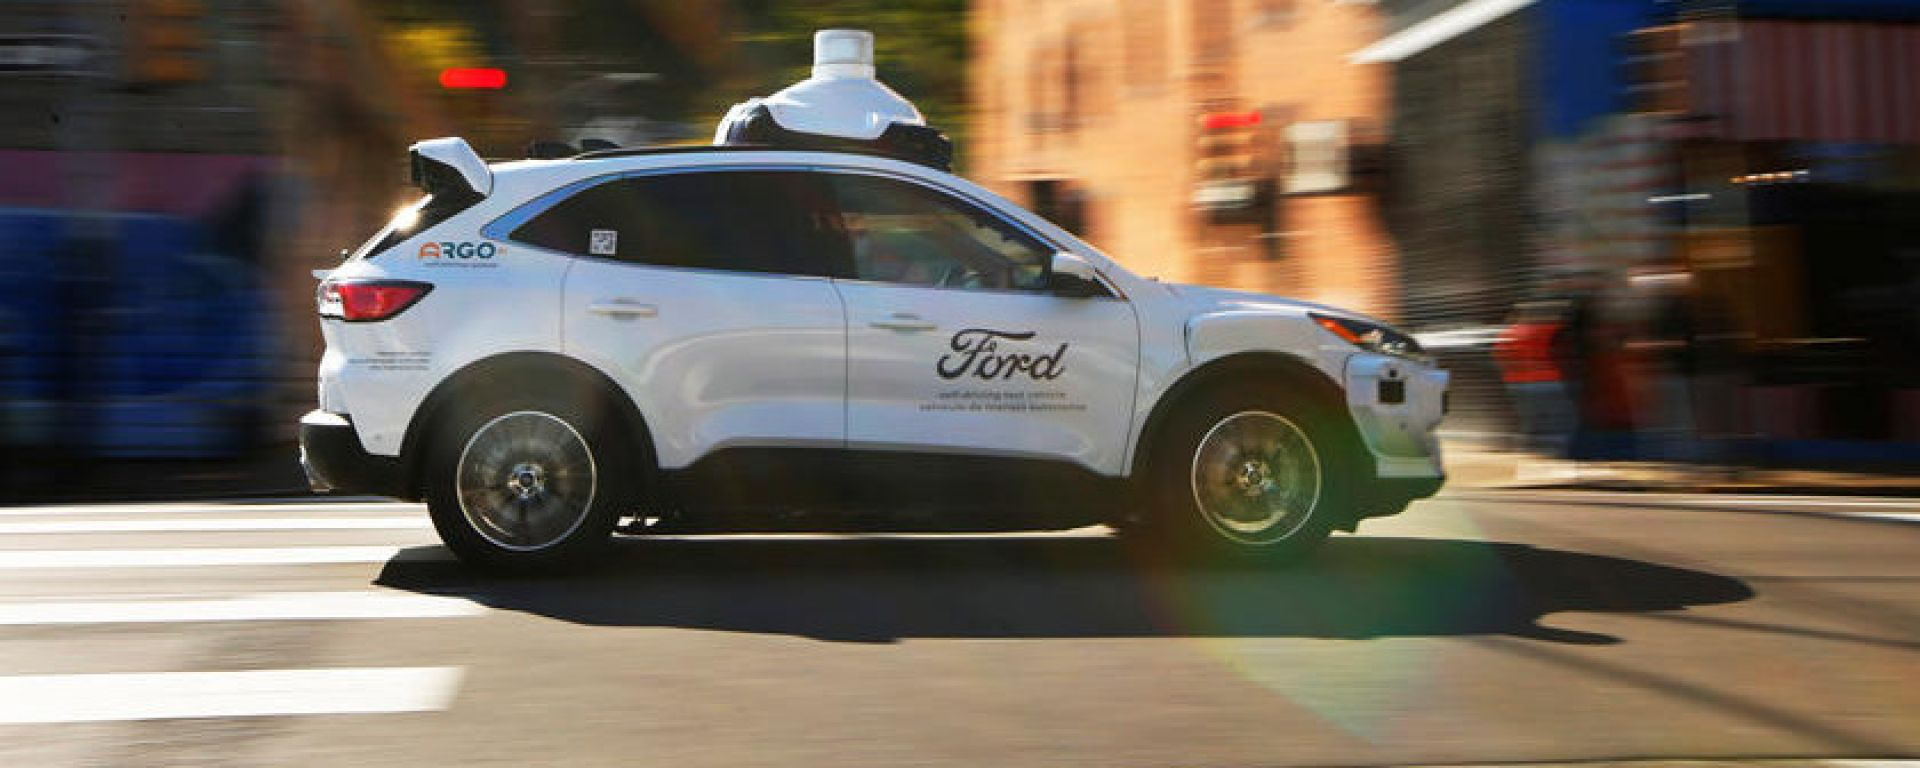 Alleanza Ford e VW guida autonoma: tra pochi anni non sarà un'utopia